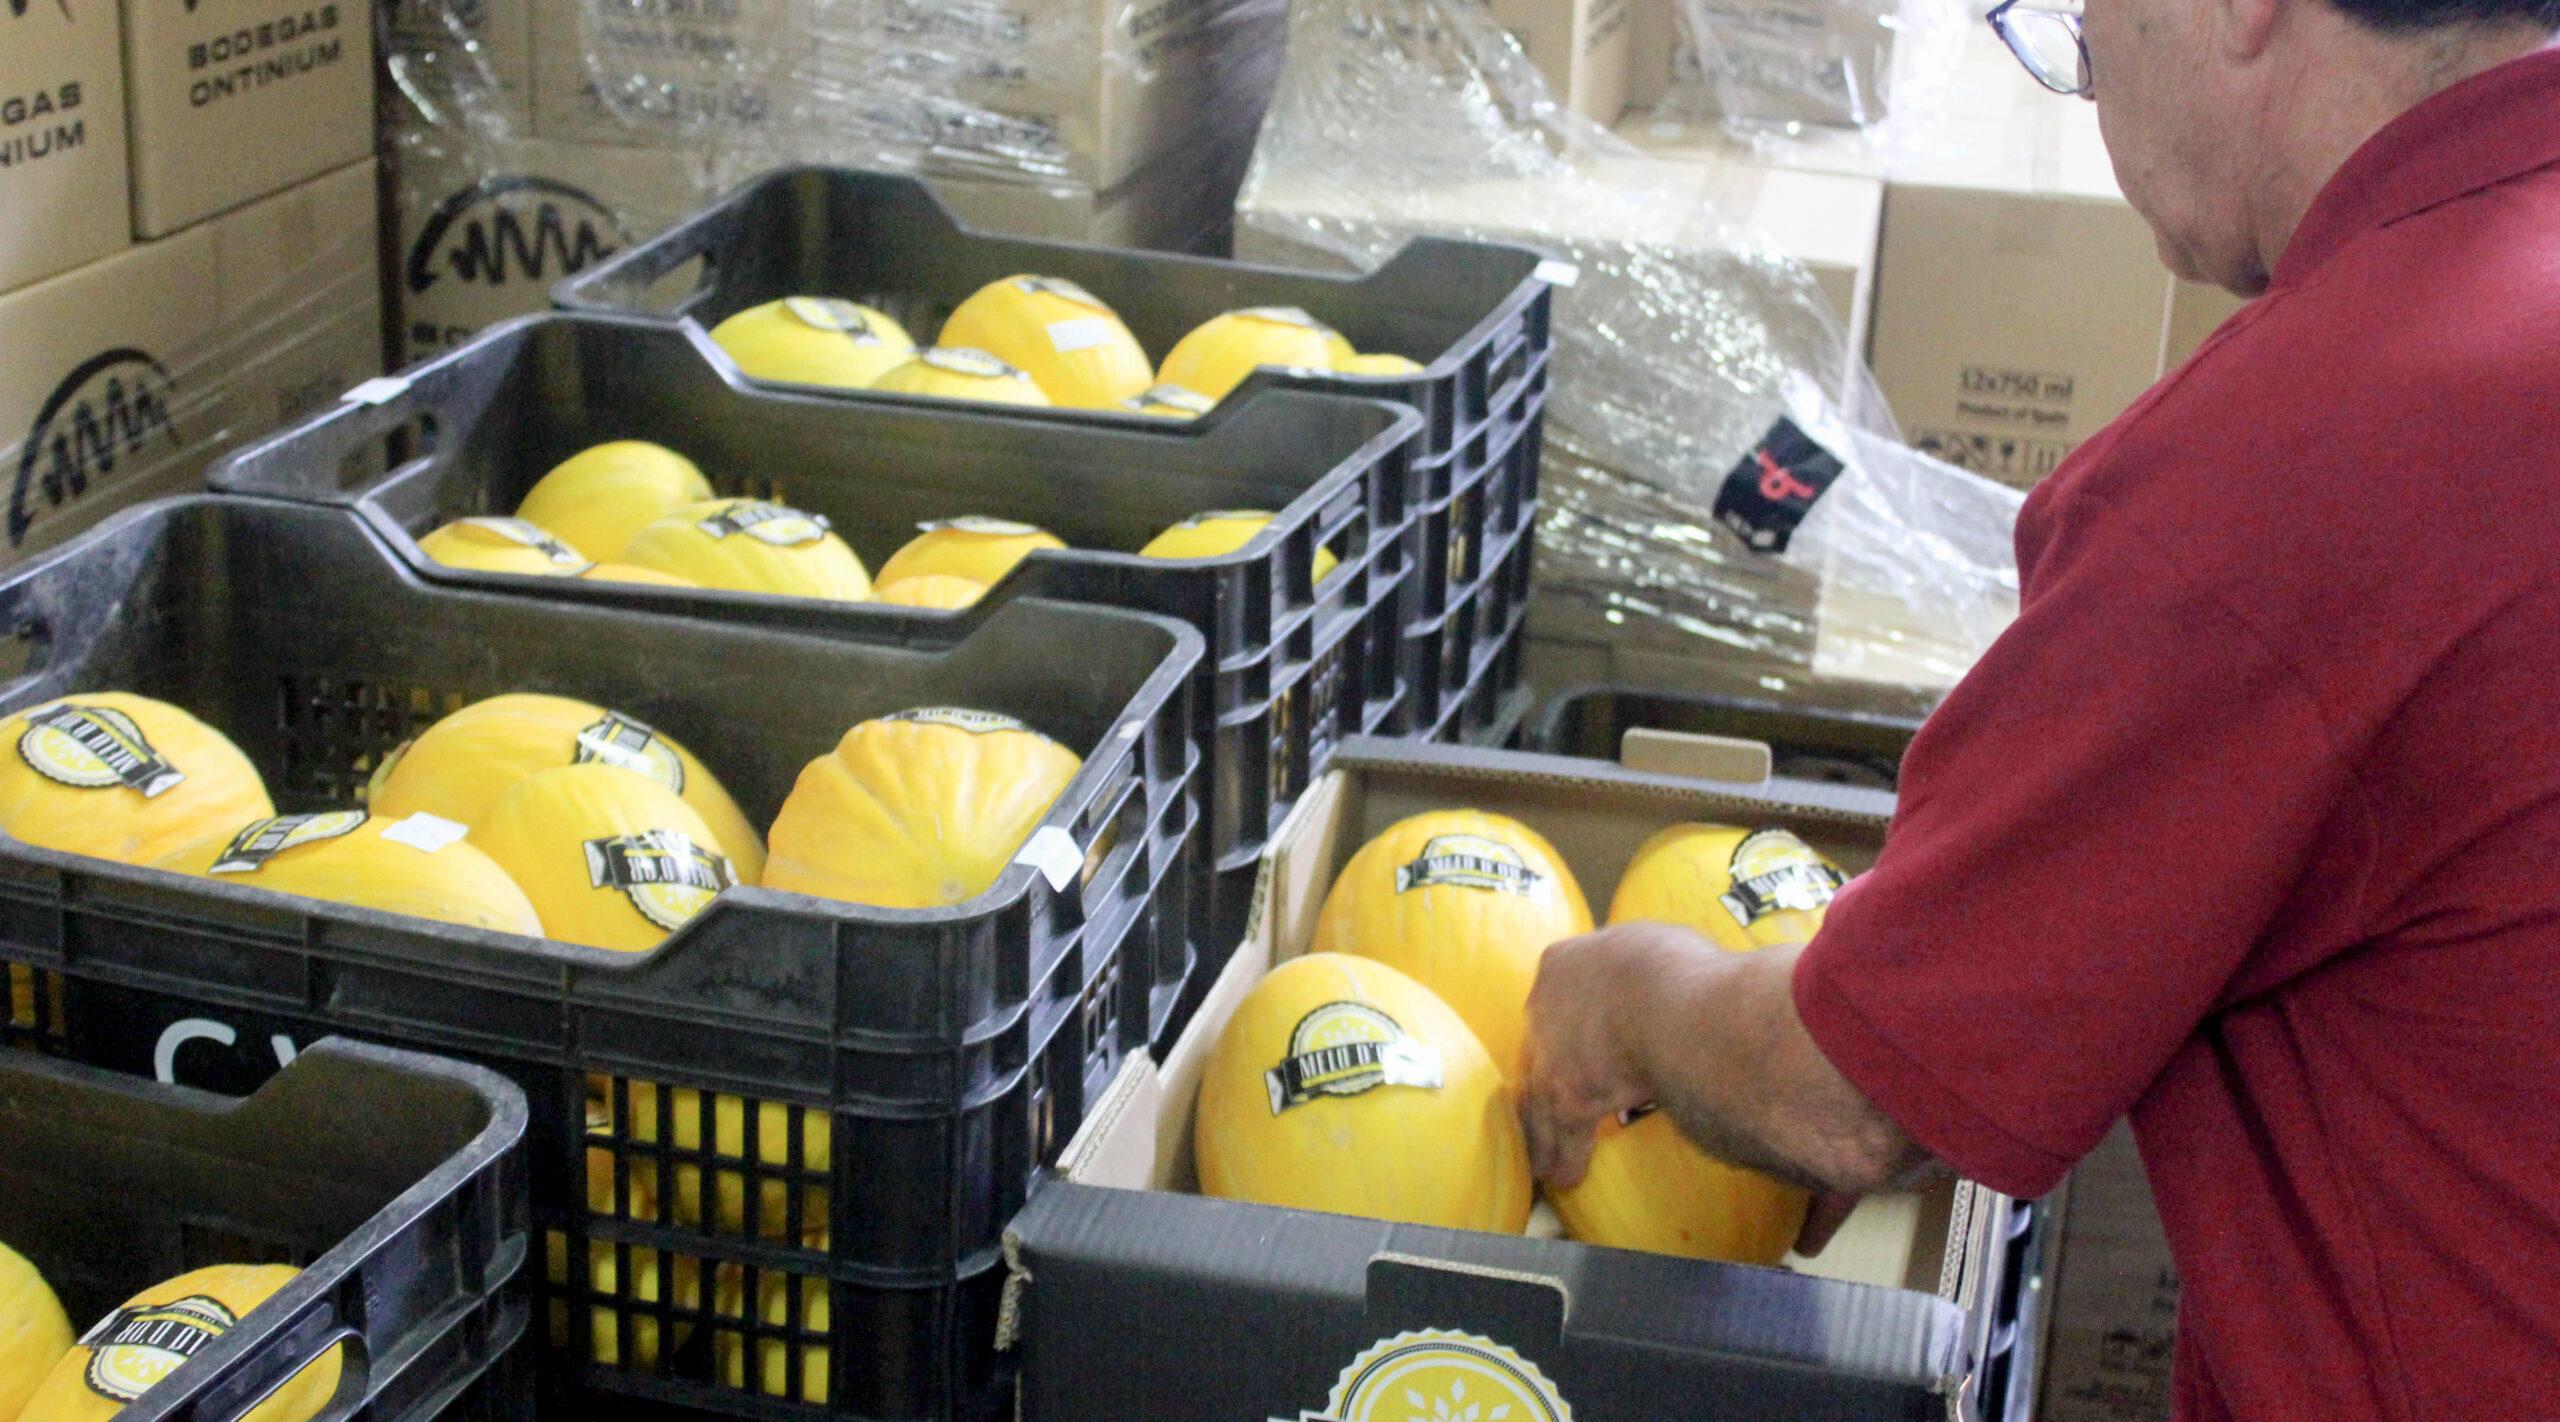 Arranca la campanya del Meló d'Or El Periòdic d'Ontinyent